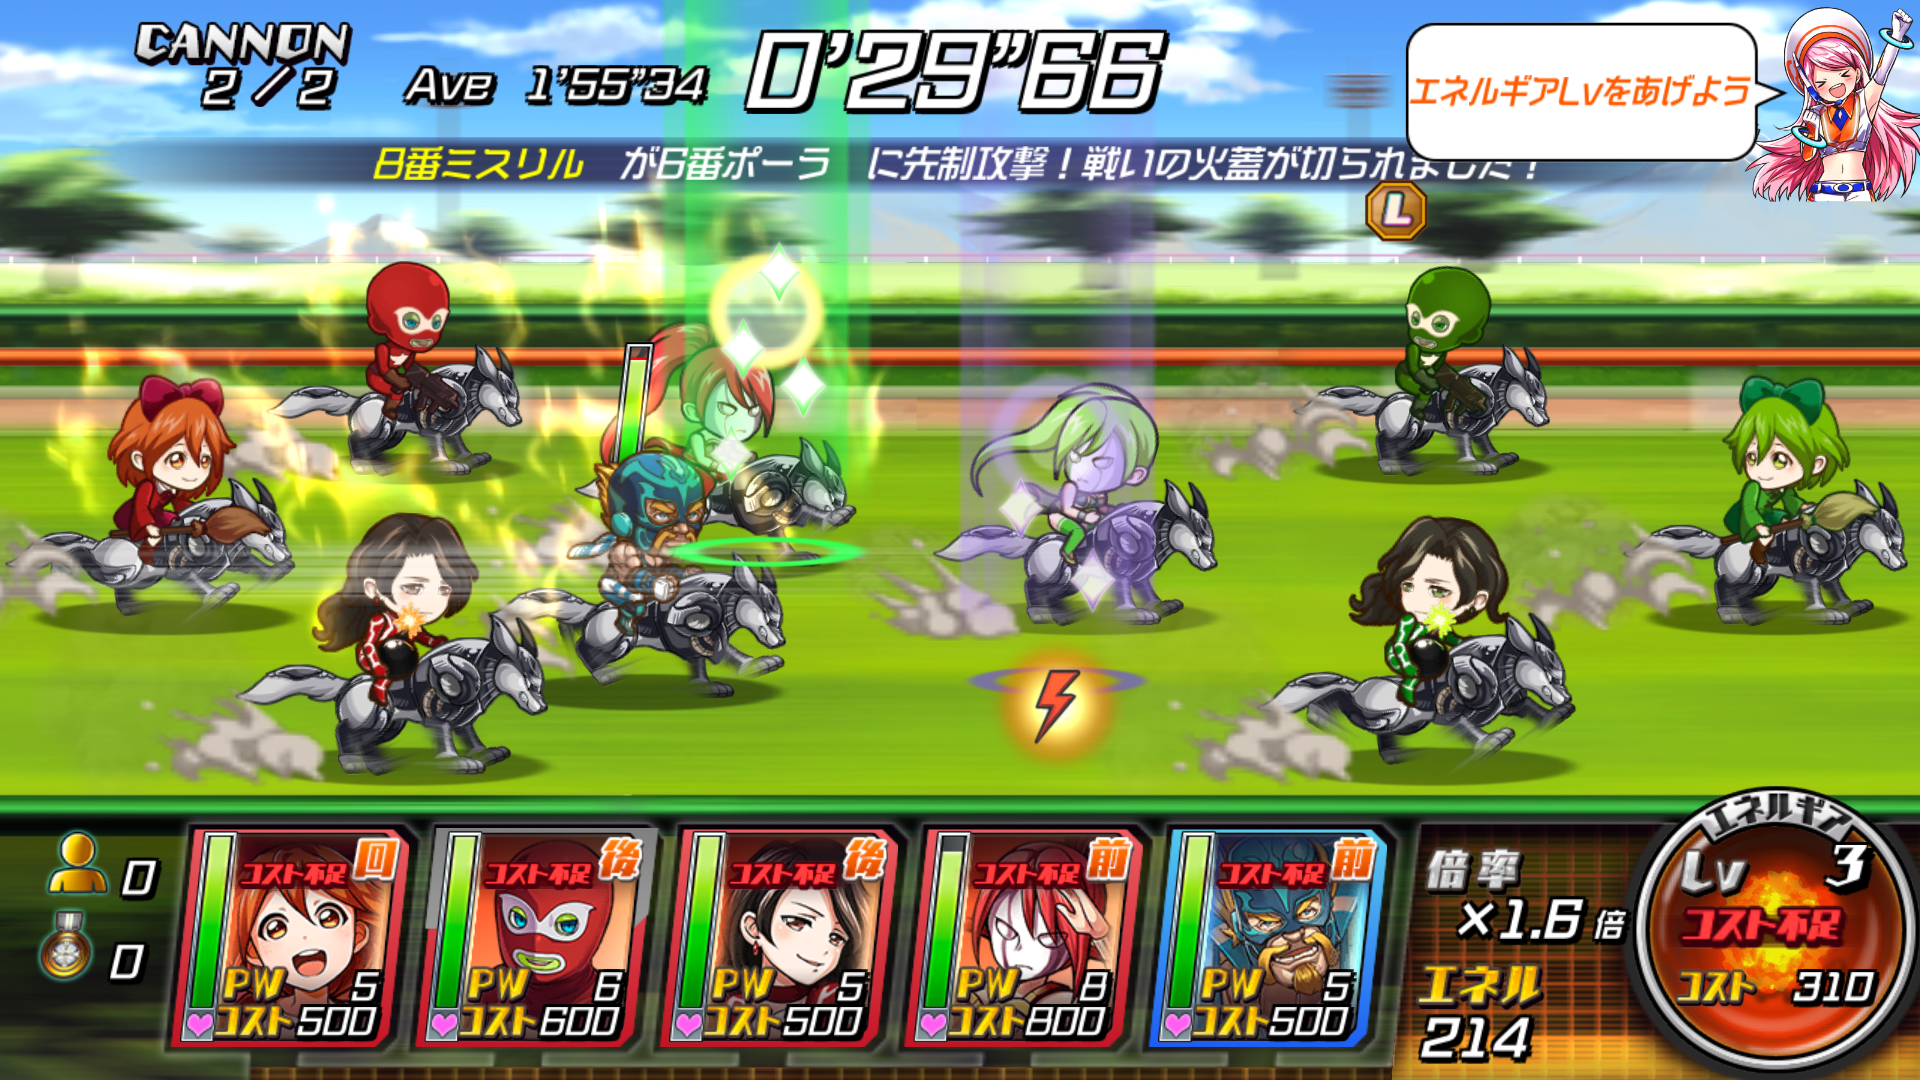 androidアプリ ランガン キャノンボール(ランキャン)攻略スクリーンショット3